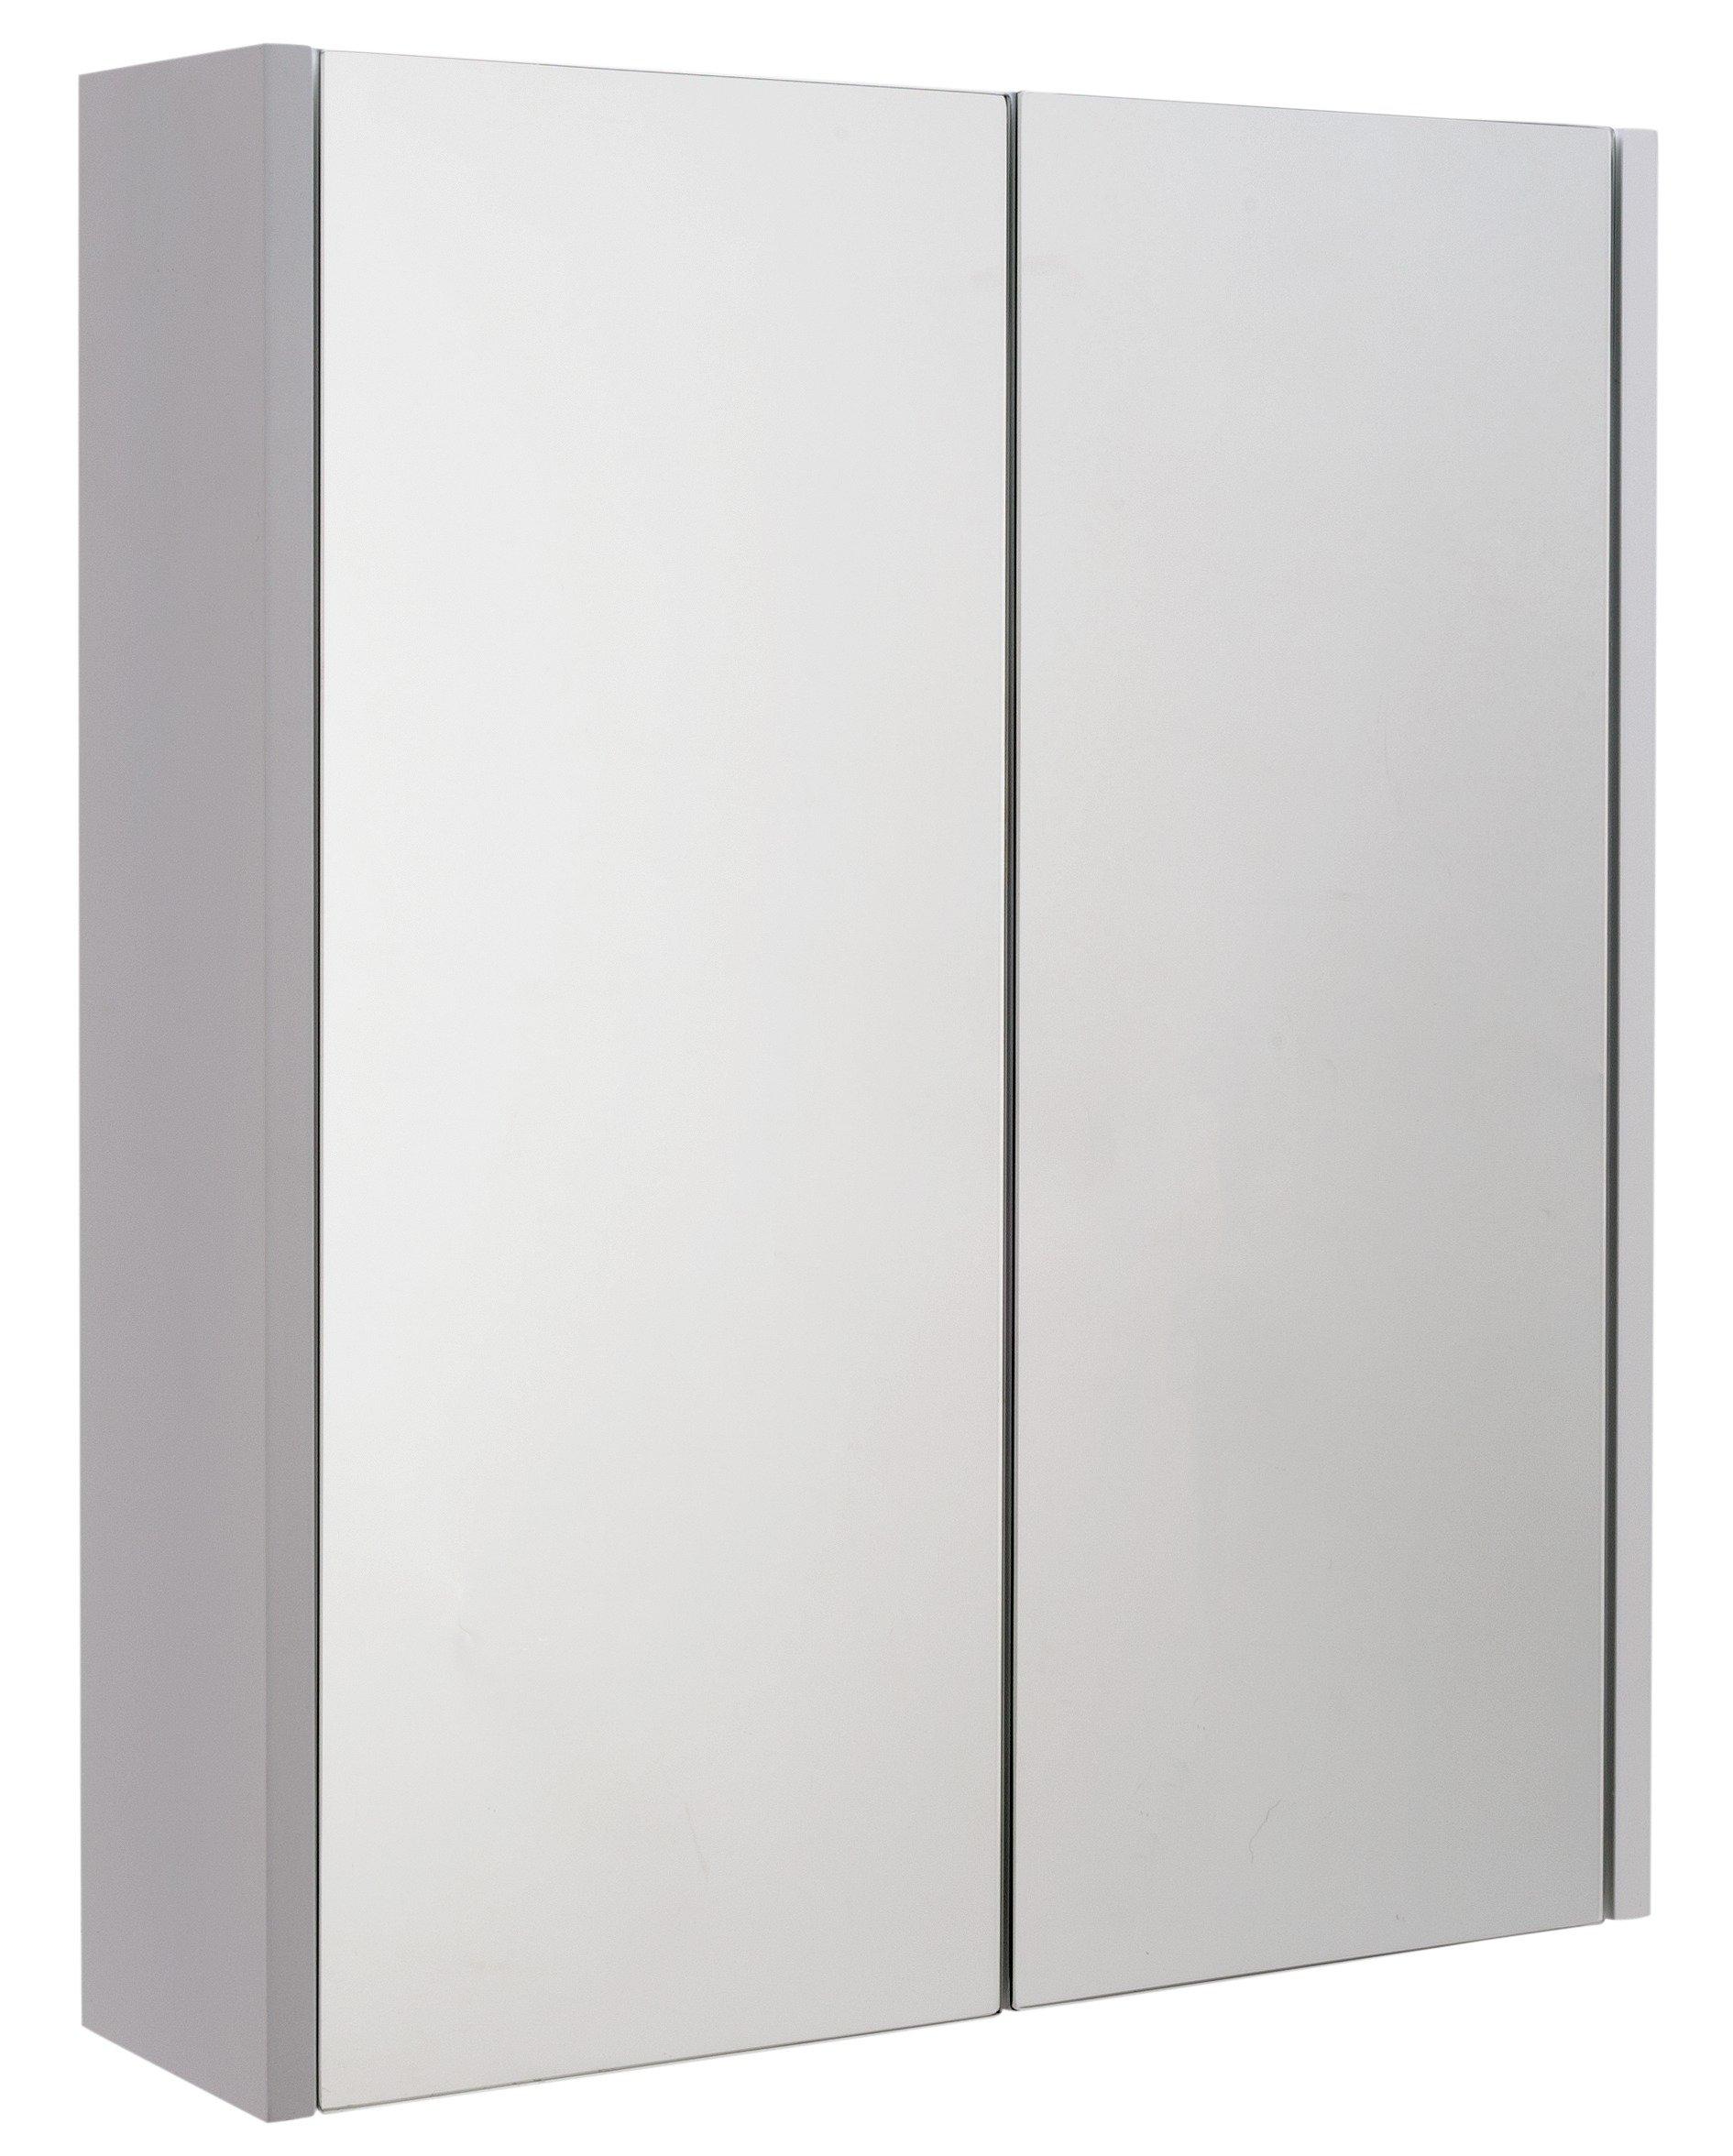 HOME 2 Door Mirrored Cabinet